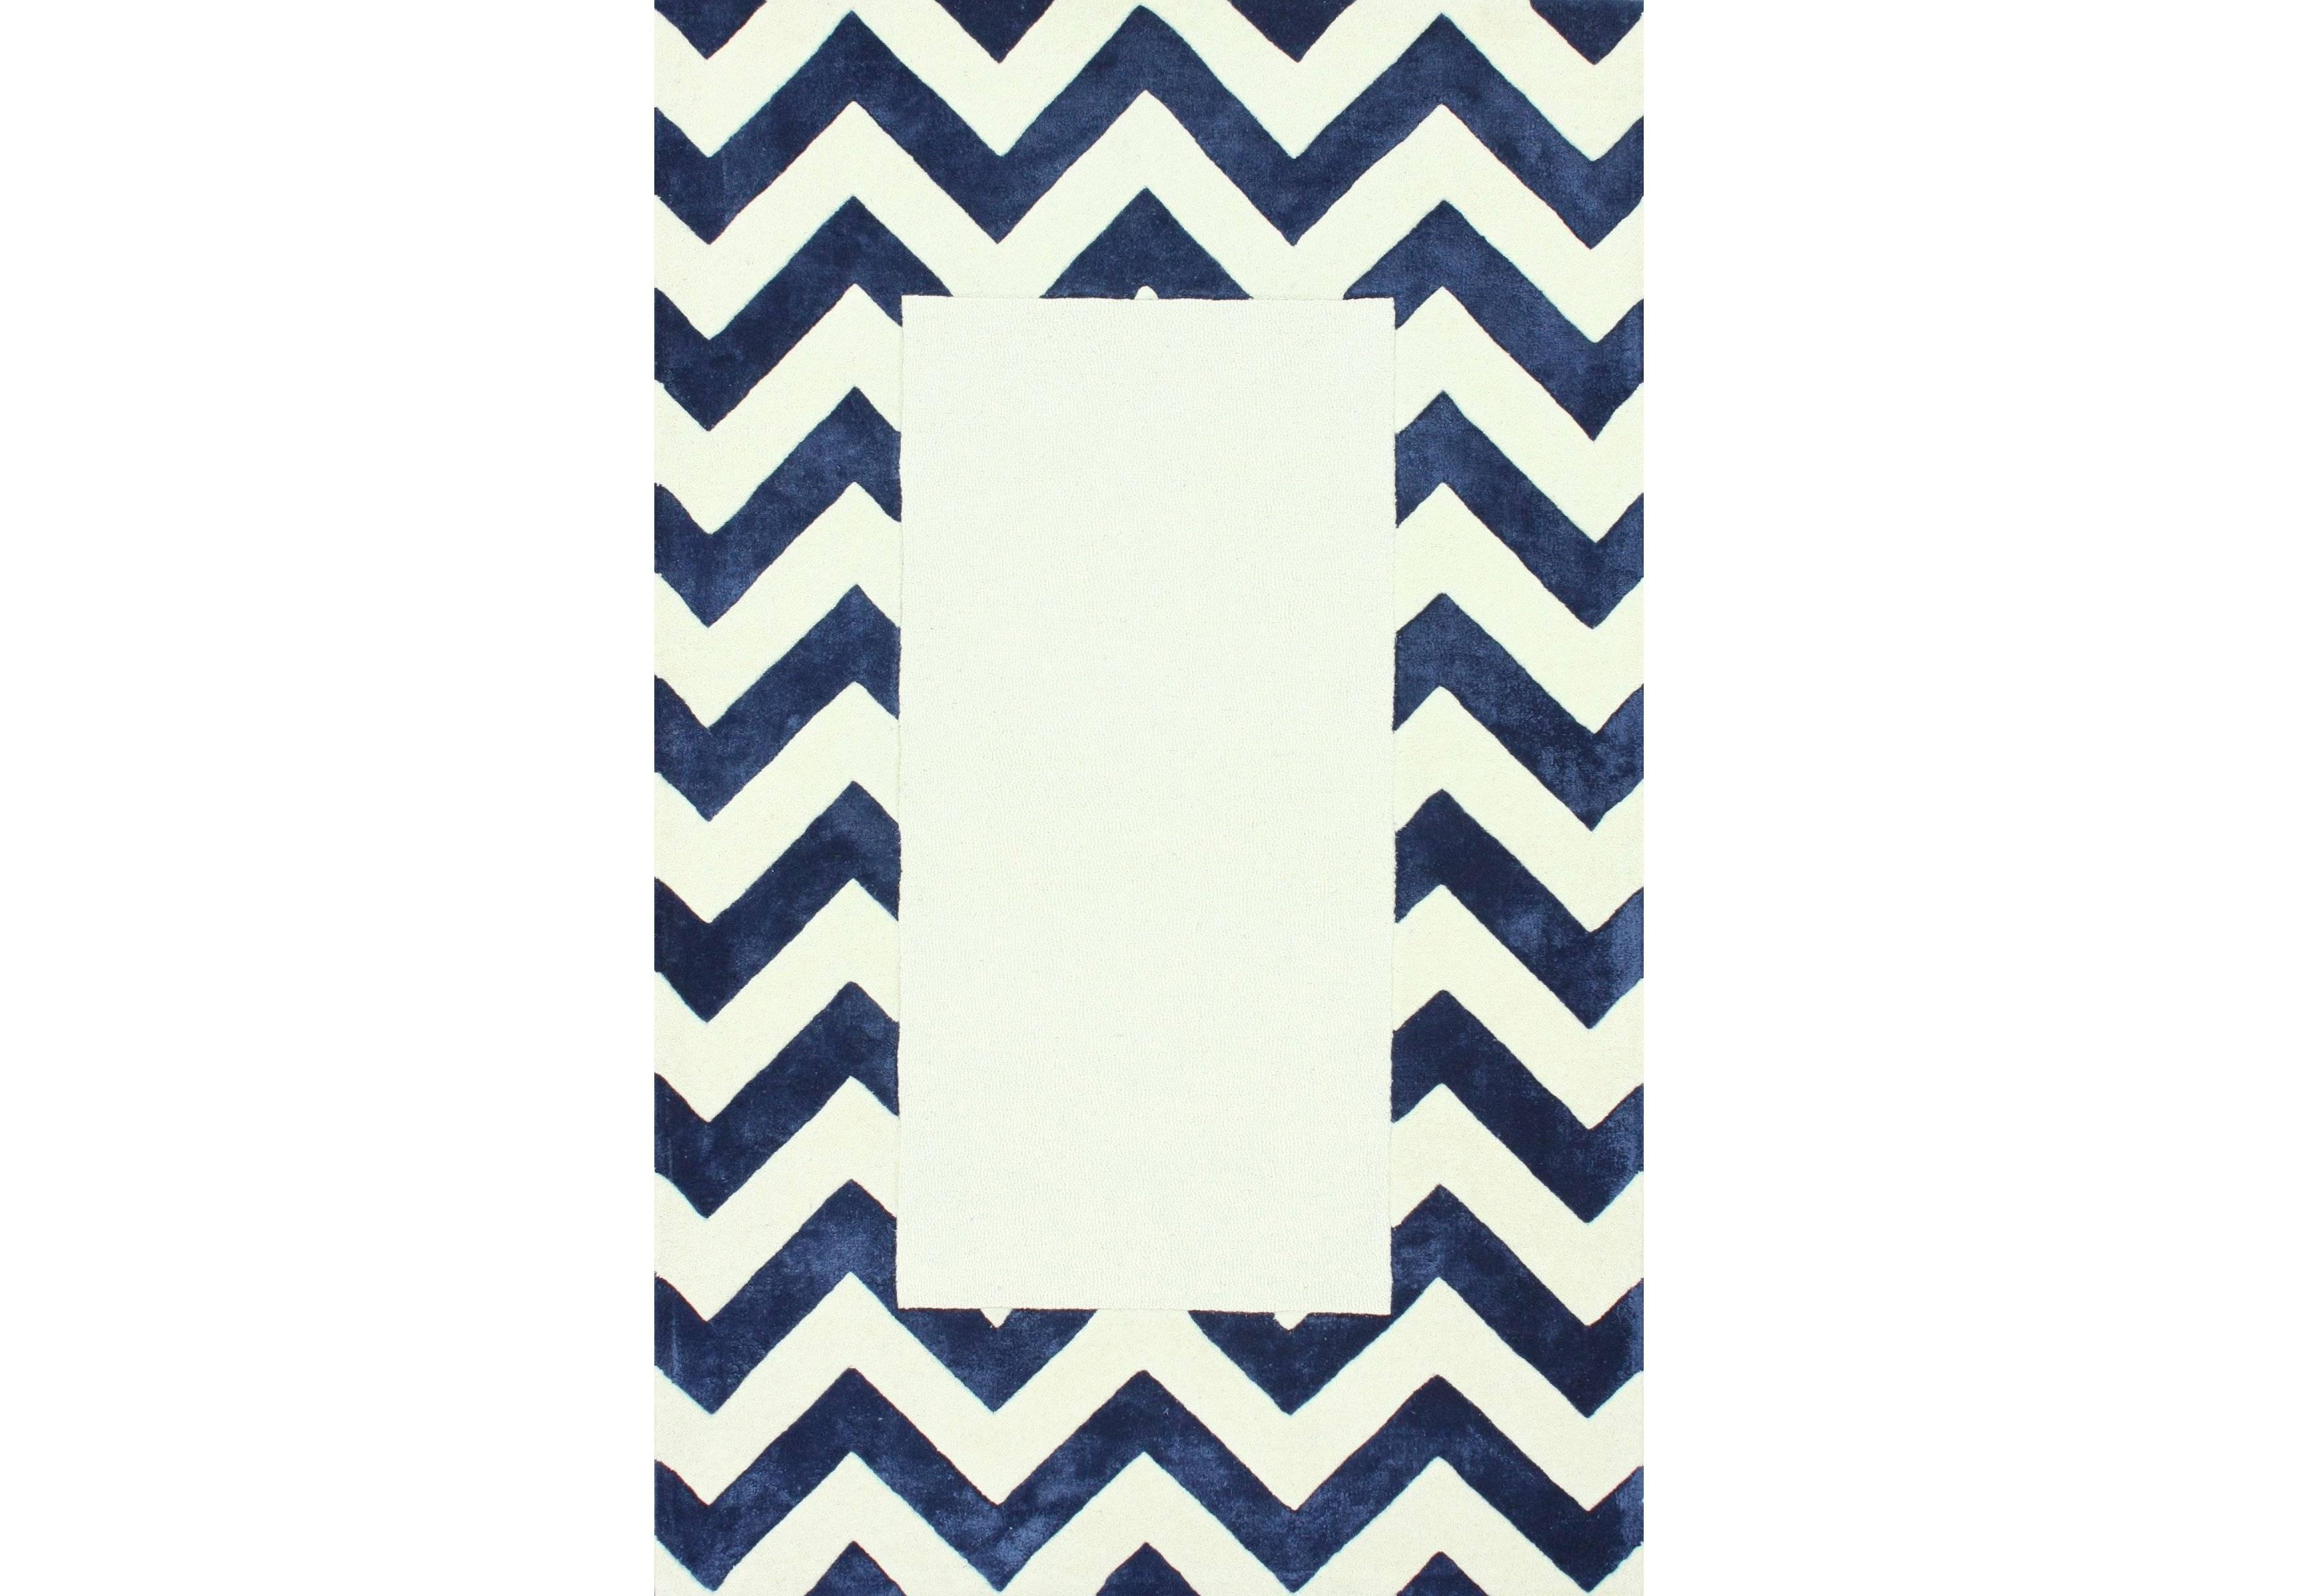 Ковер Zig-zag 500х300Прямоугольные ковры<br>Бело-синий ковер с рисунком зиг-заг (шеврон) искусно сочетает в себе модный рисунок и классику вне времени. Ковер с таким узором легко сделает современным, интерьер в любой комнате. Выполненный по технологии ручного тафтинга, из настоящей шерсти — придаст тепла и мягкости вашим полам.&amp;amp;nbsp;&amp;lt;div&amp;gt;&amp;lt;br&amp;gt;&amp;lt;/div&amp;gt;&amp;lt;div&amp;gt;Ковер может быть изготовлен в любом из широкого спектра цветов: серый, черный, светло-голубой, бежевый, горчичный, синий, голубой, темно-синий, зеленый, кремовый, розовый, оранжевый.&amp;lt;/div&amp;gt;<br><br>Material: Шерсть<br>Width см: 300<br>Depth см: 500